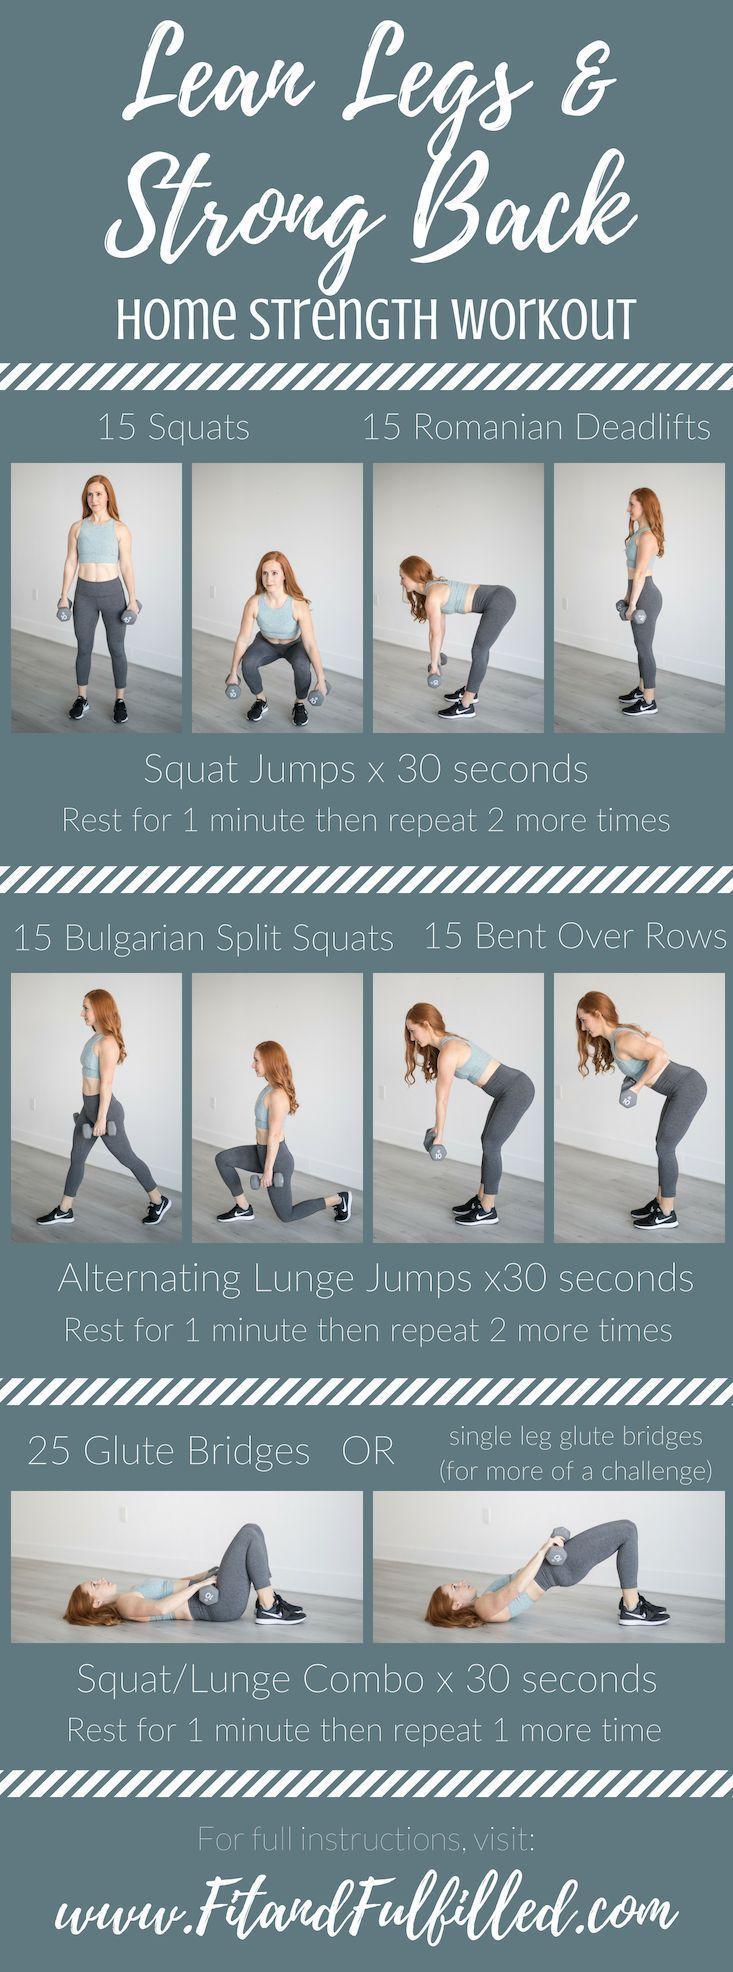 Schlanke Beine und starkes Rückentraining #dumbbellworkout Schlanke Beine und starkes Rückentraining,  #Beine #Rückentraining #Schlanke #starkes #und #dumbbellworkout